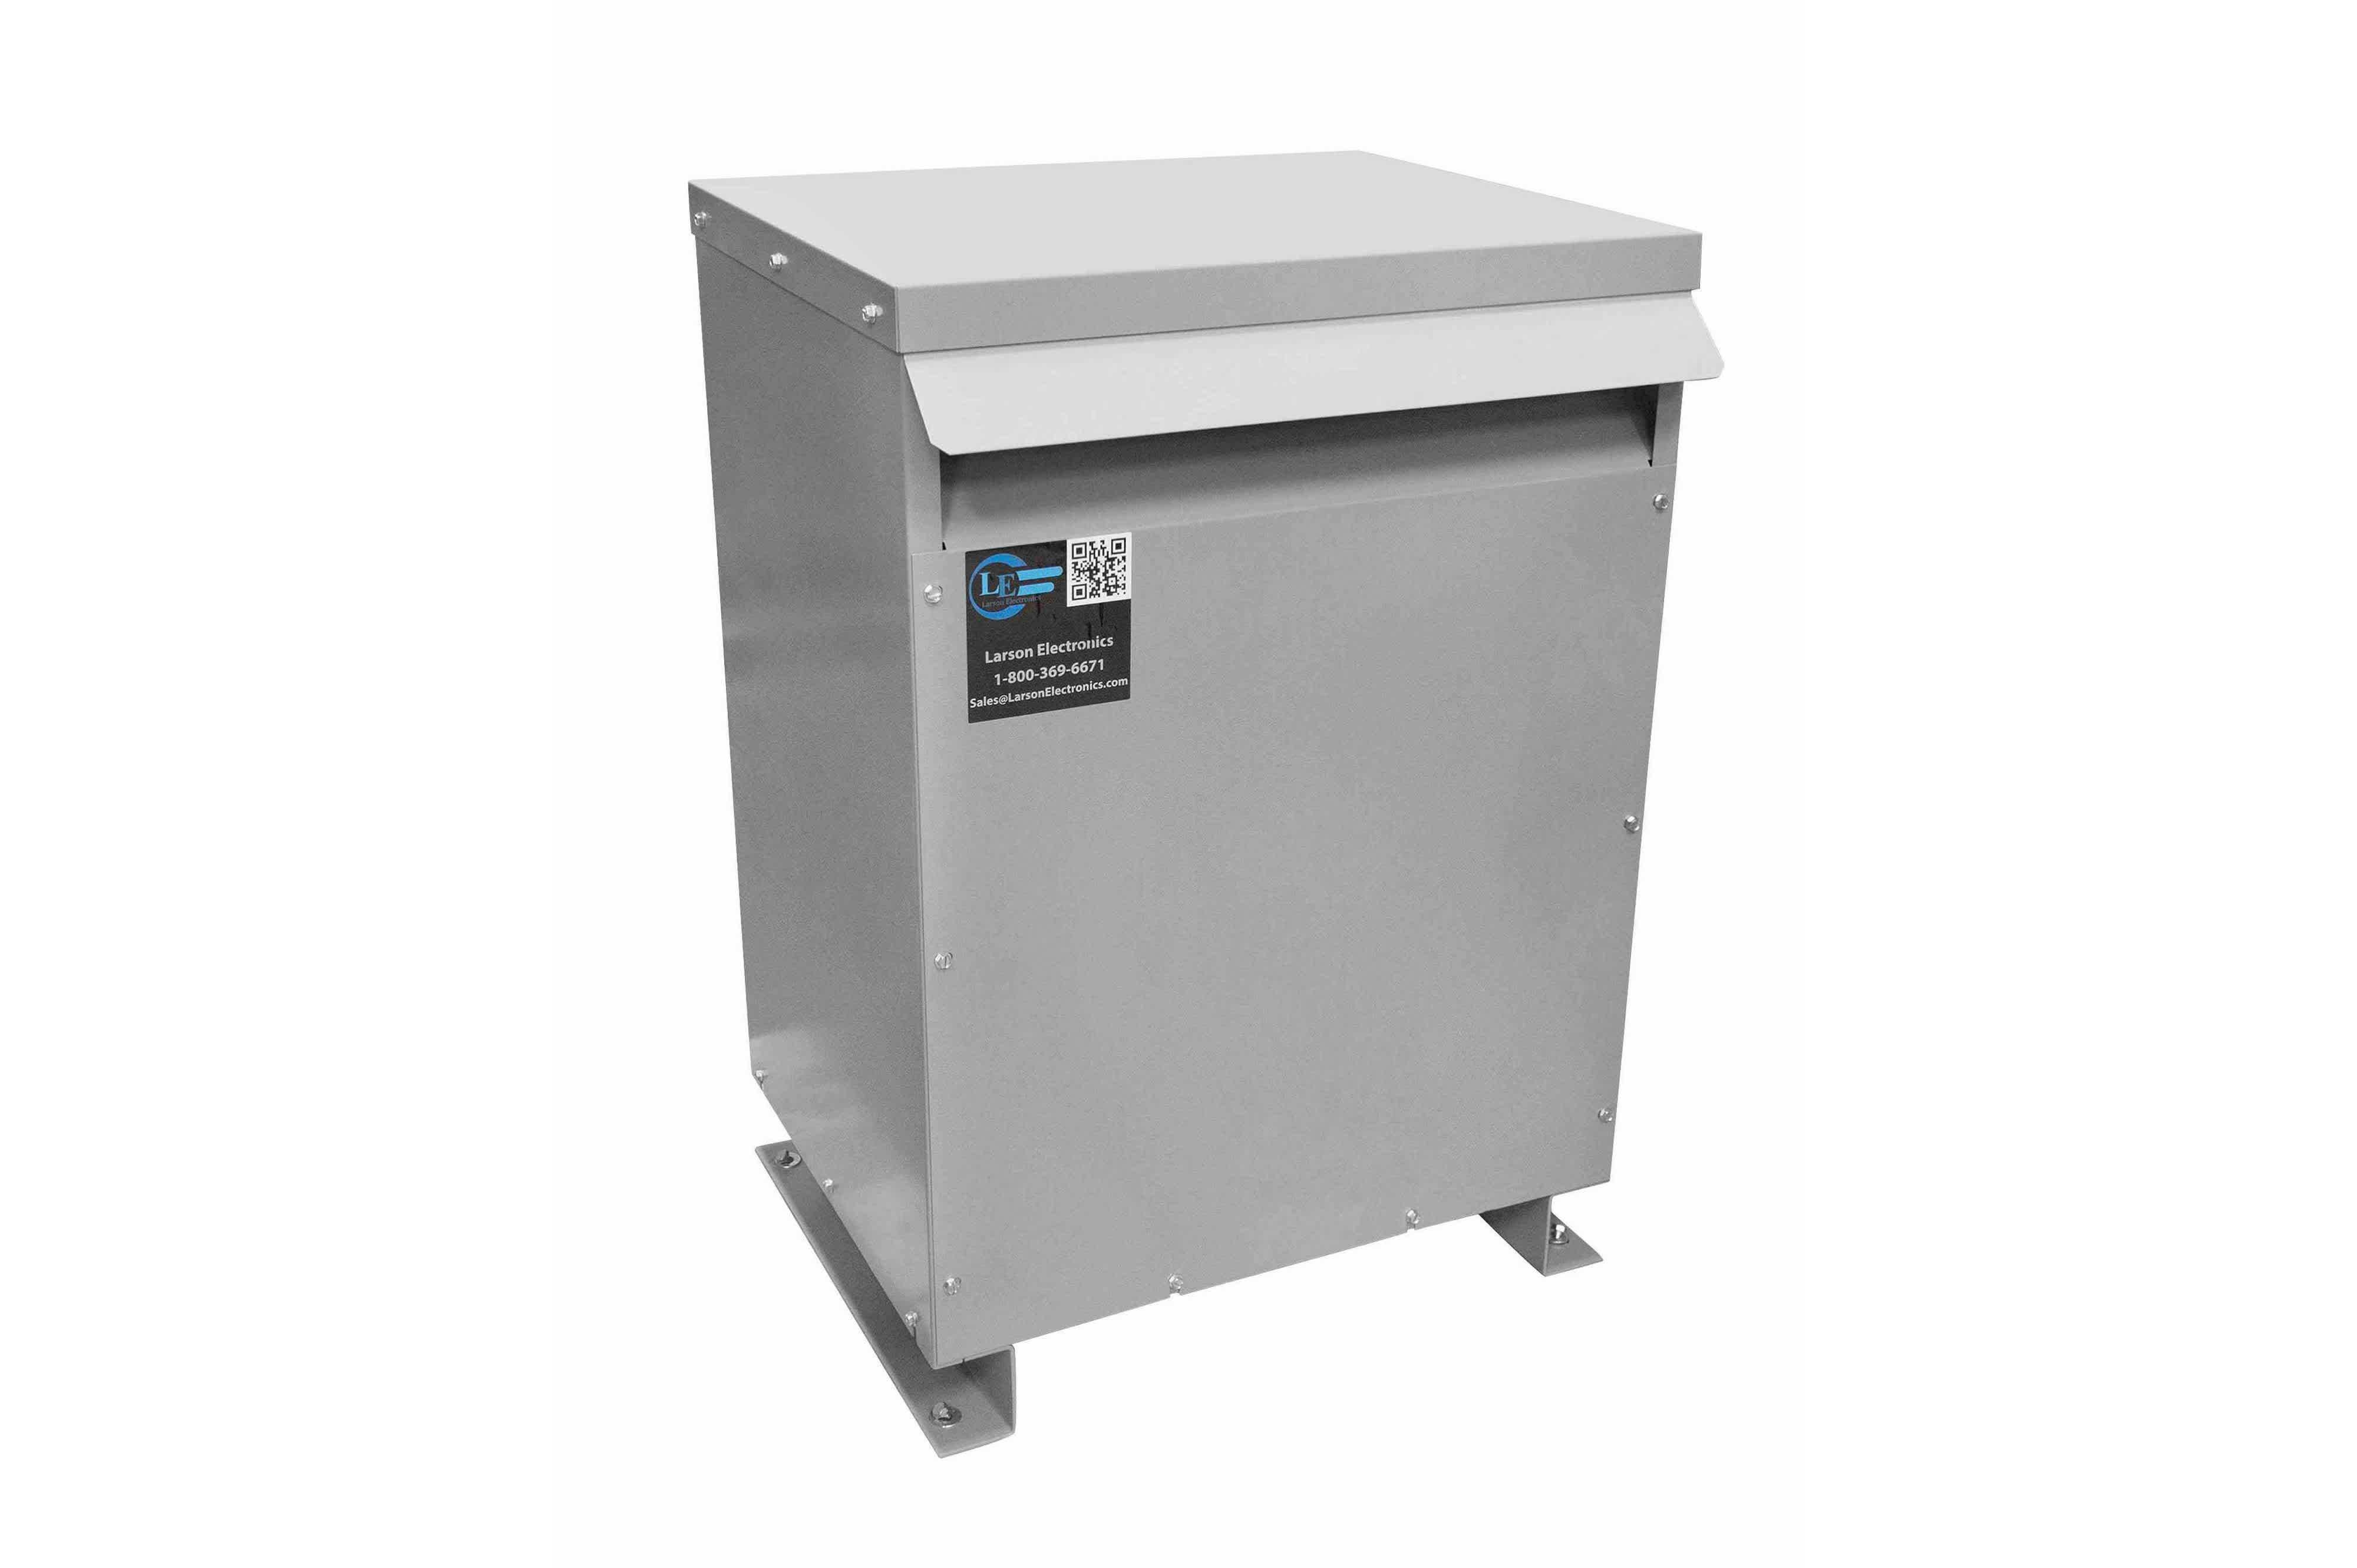 28 kVA 3PH Isolation Transformer, 240V Delta Primary, 400V Delta Secondary, N3R, Ventilated, 60 Hz